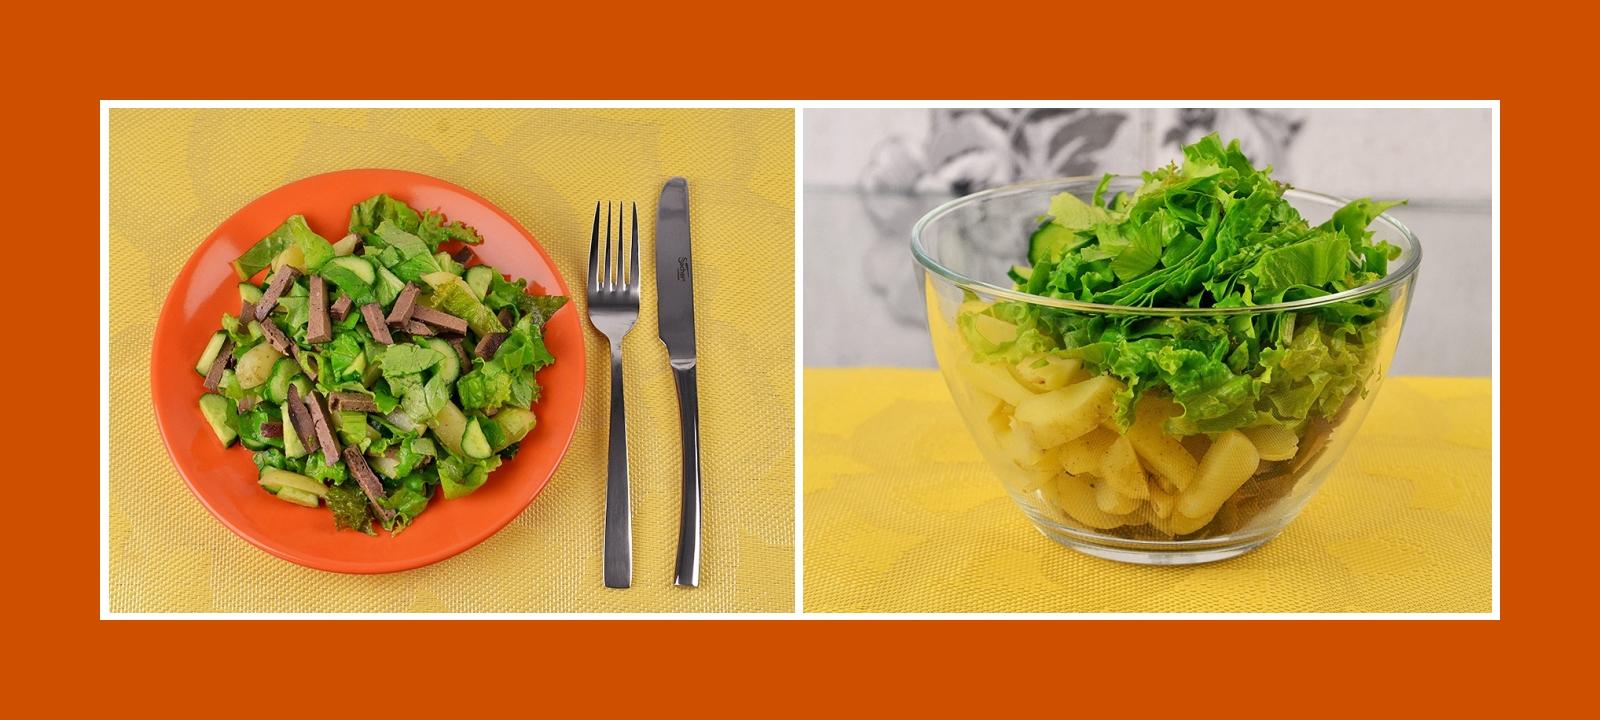 Kartoffelsalat mit Salat, Leber und Gurken